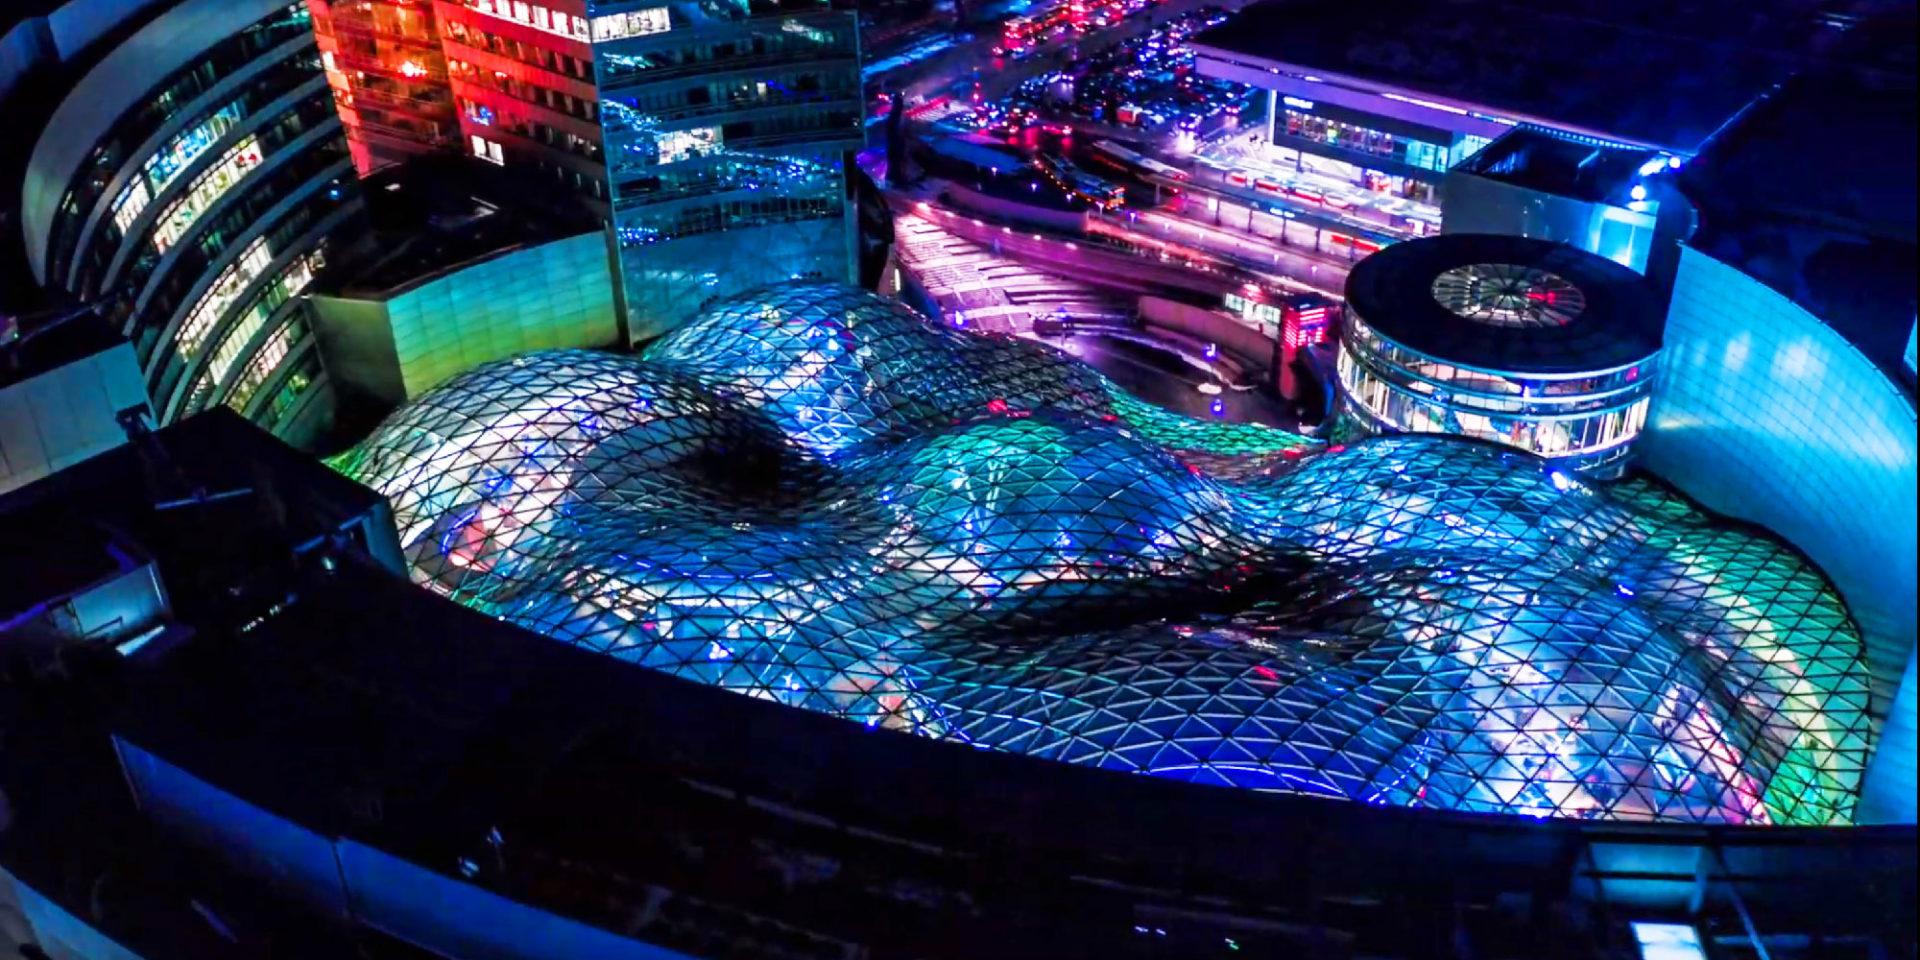 Widok na Złote Tarasy z góry, przeszklona konstrukcja zaokrąglonych kopuł podświetlona jest na niebiesko, wyraźnie widać trójkątną teksturę kopuł